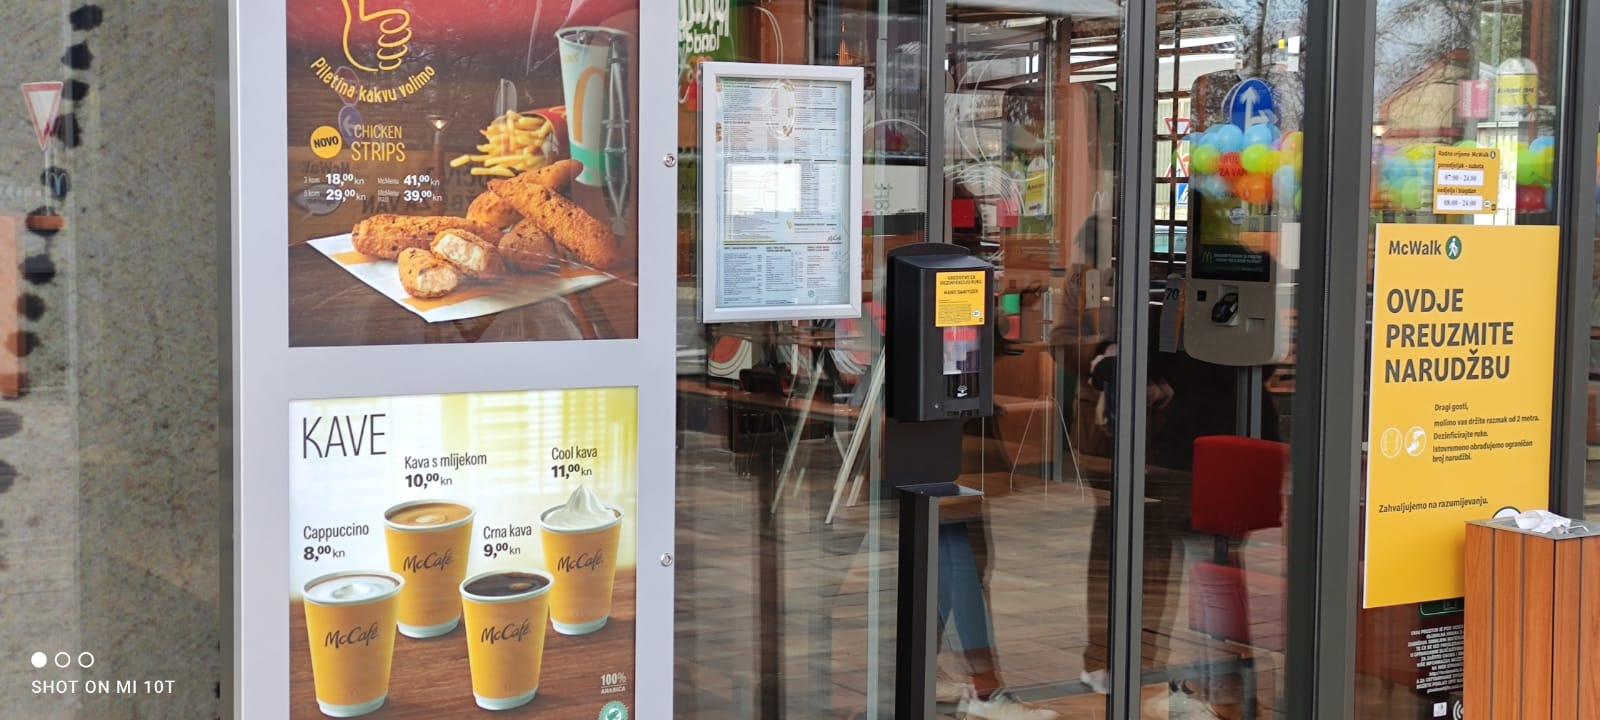 McDonald's 10